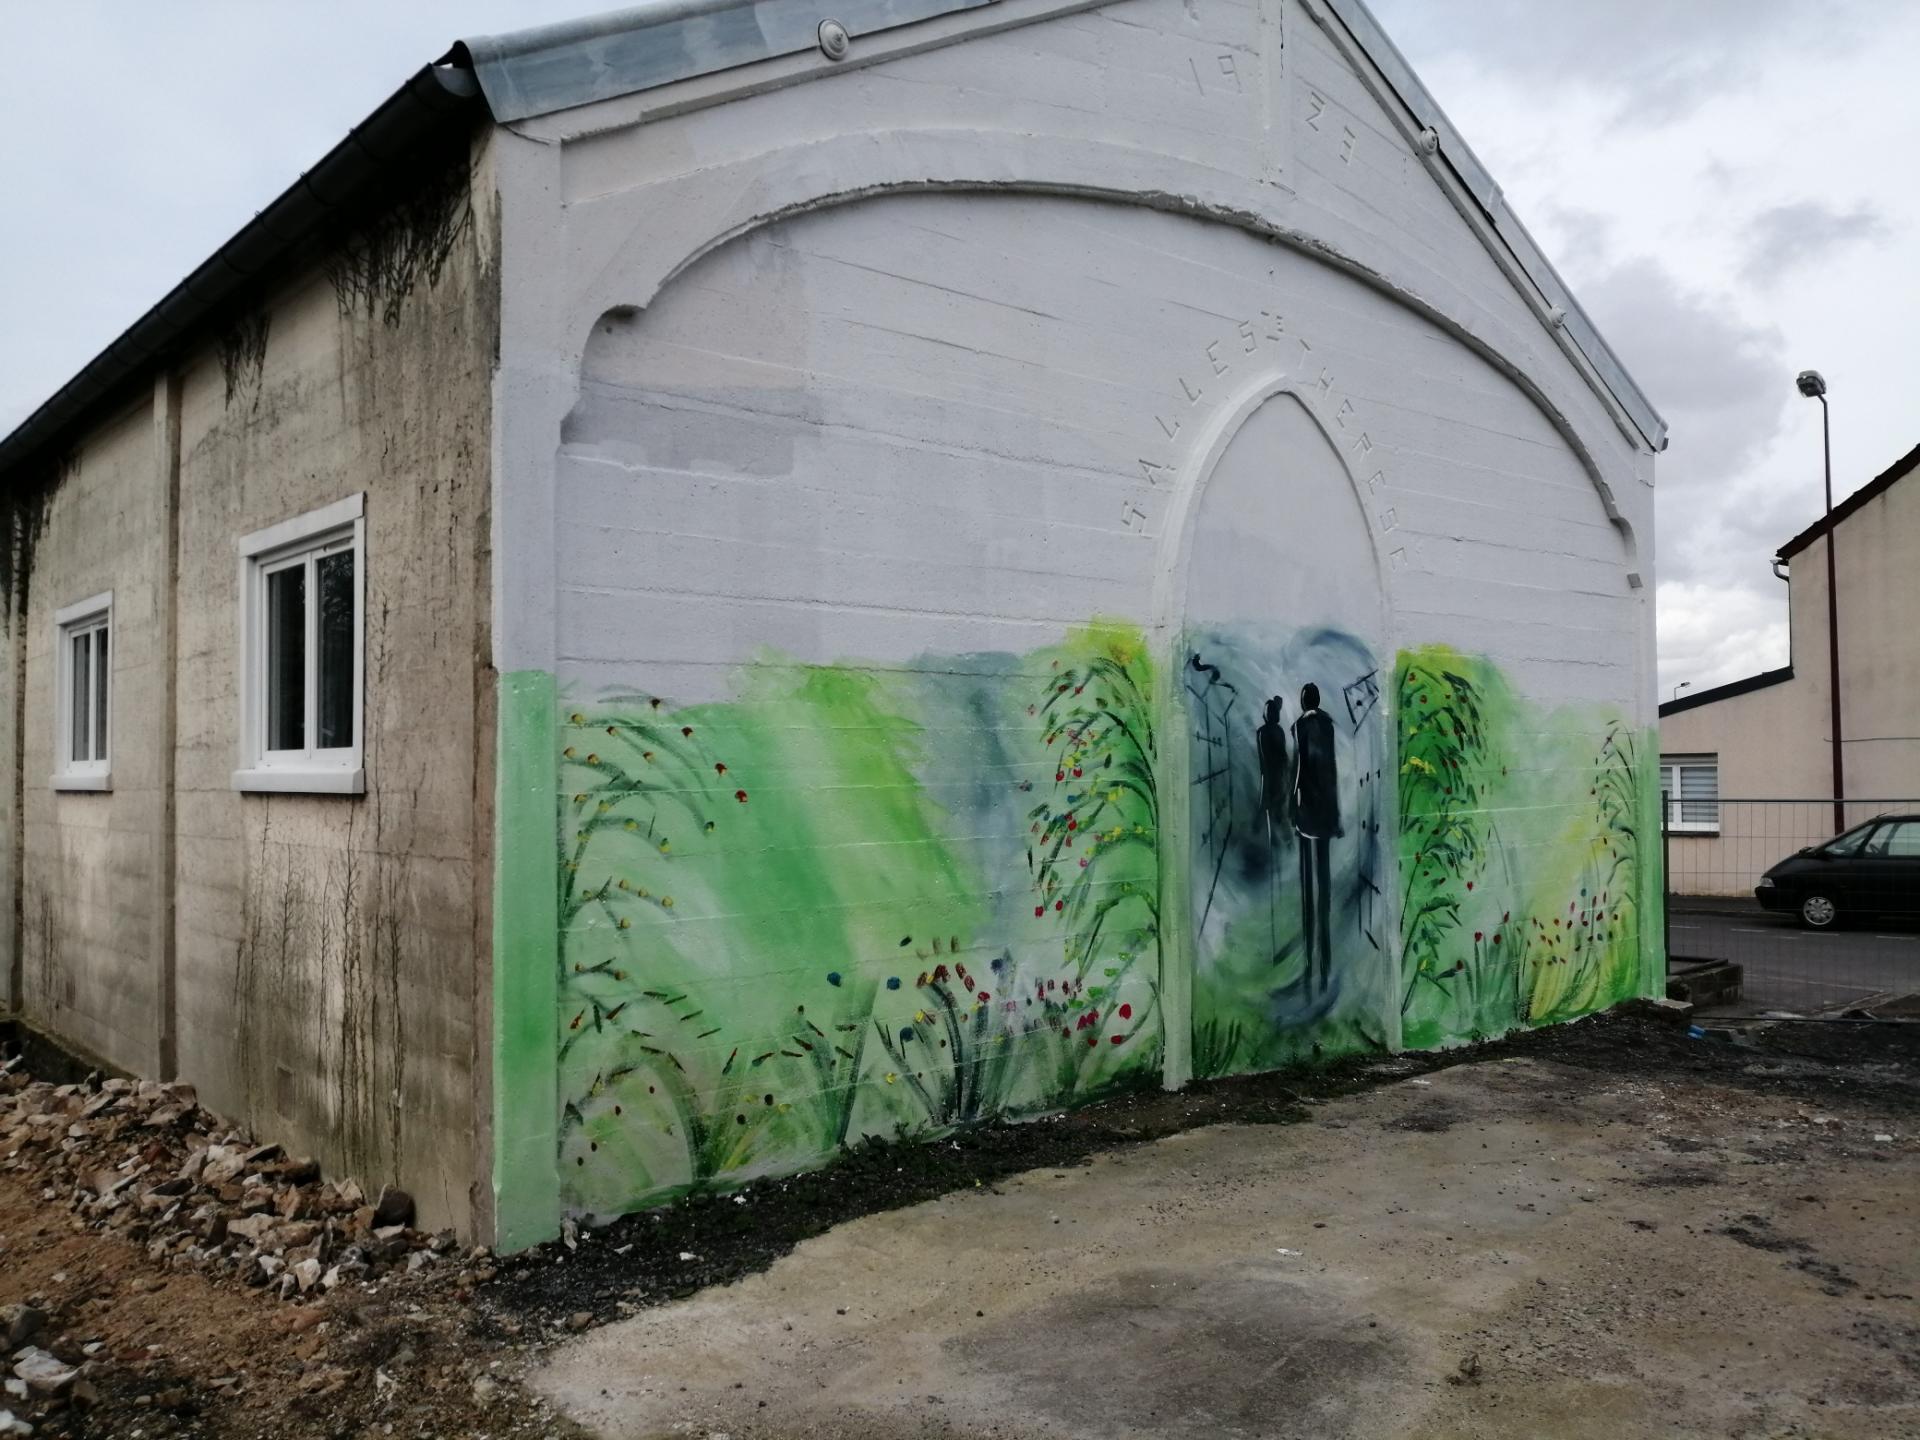 début de la réalisation d'une fresque à l'extérieur d'une salle